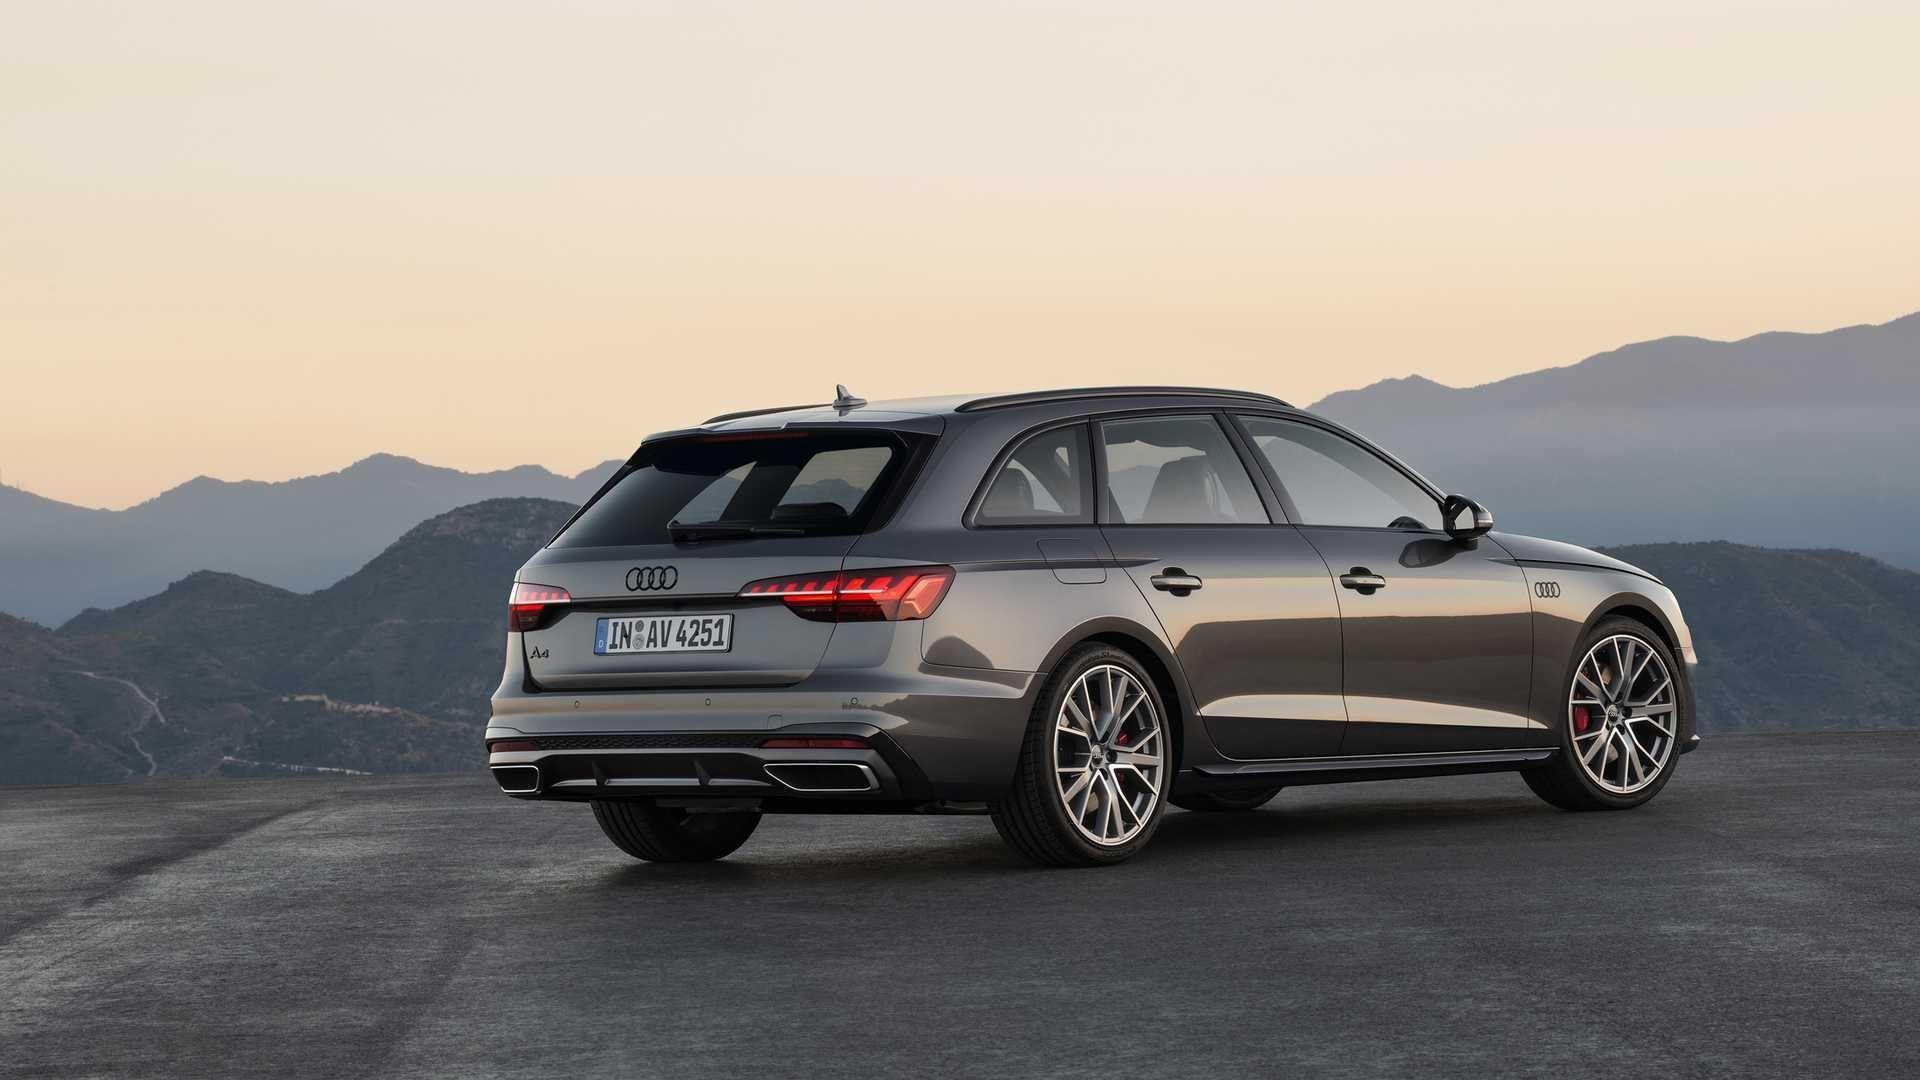 2021 Audi A4 Release Date In 2020 Audi A4 Audi A4 Avant Audi